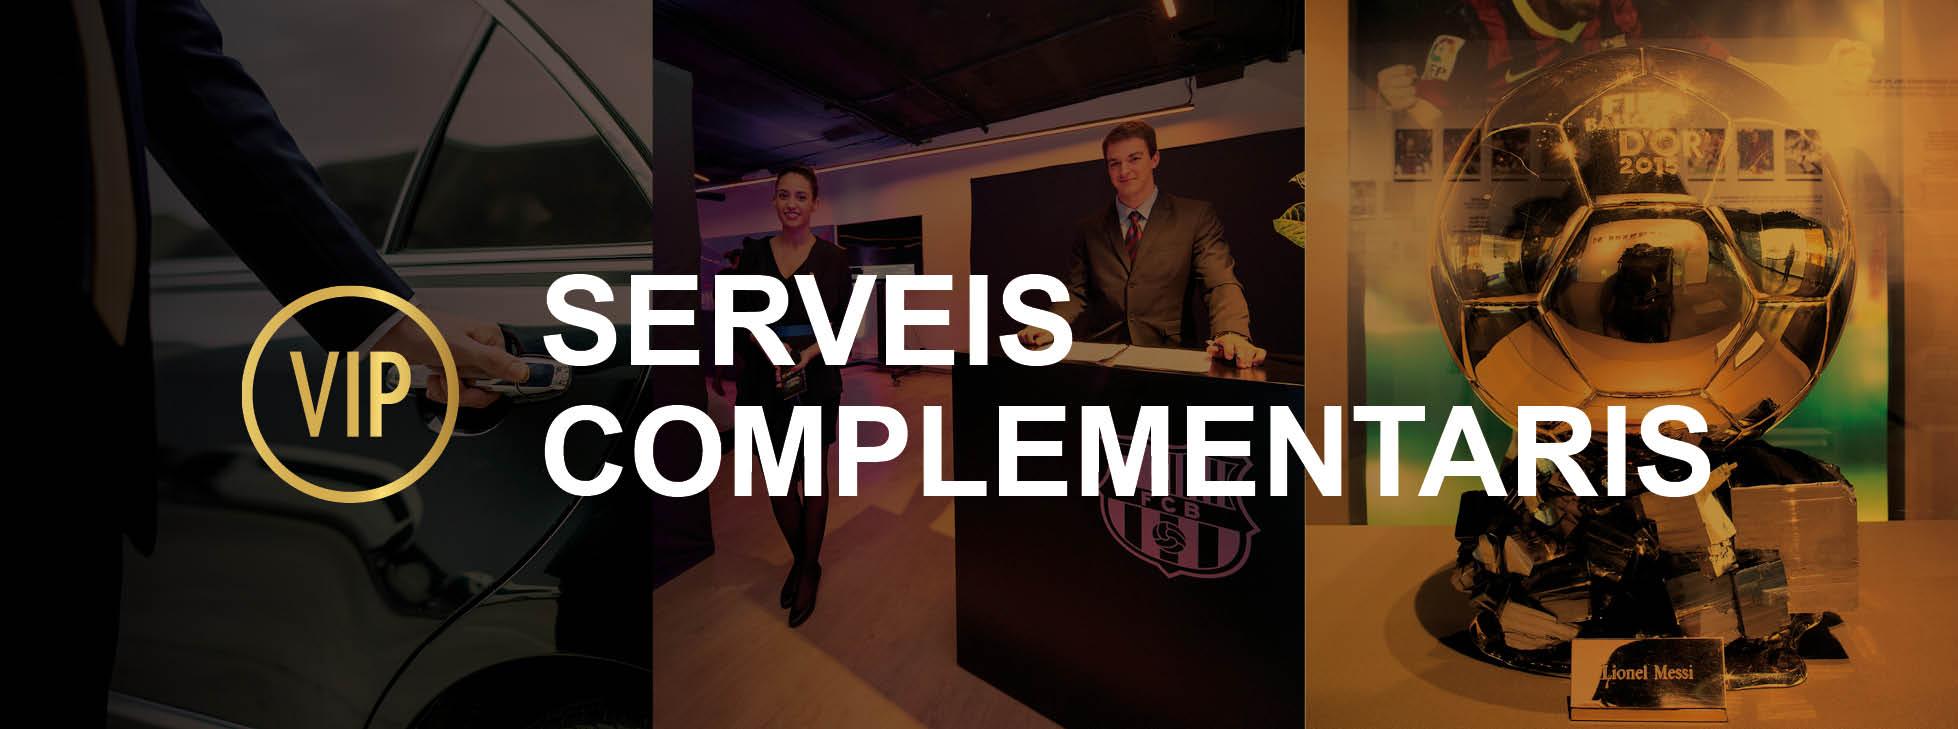 serveis complementaris